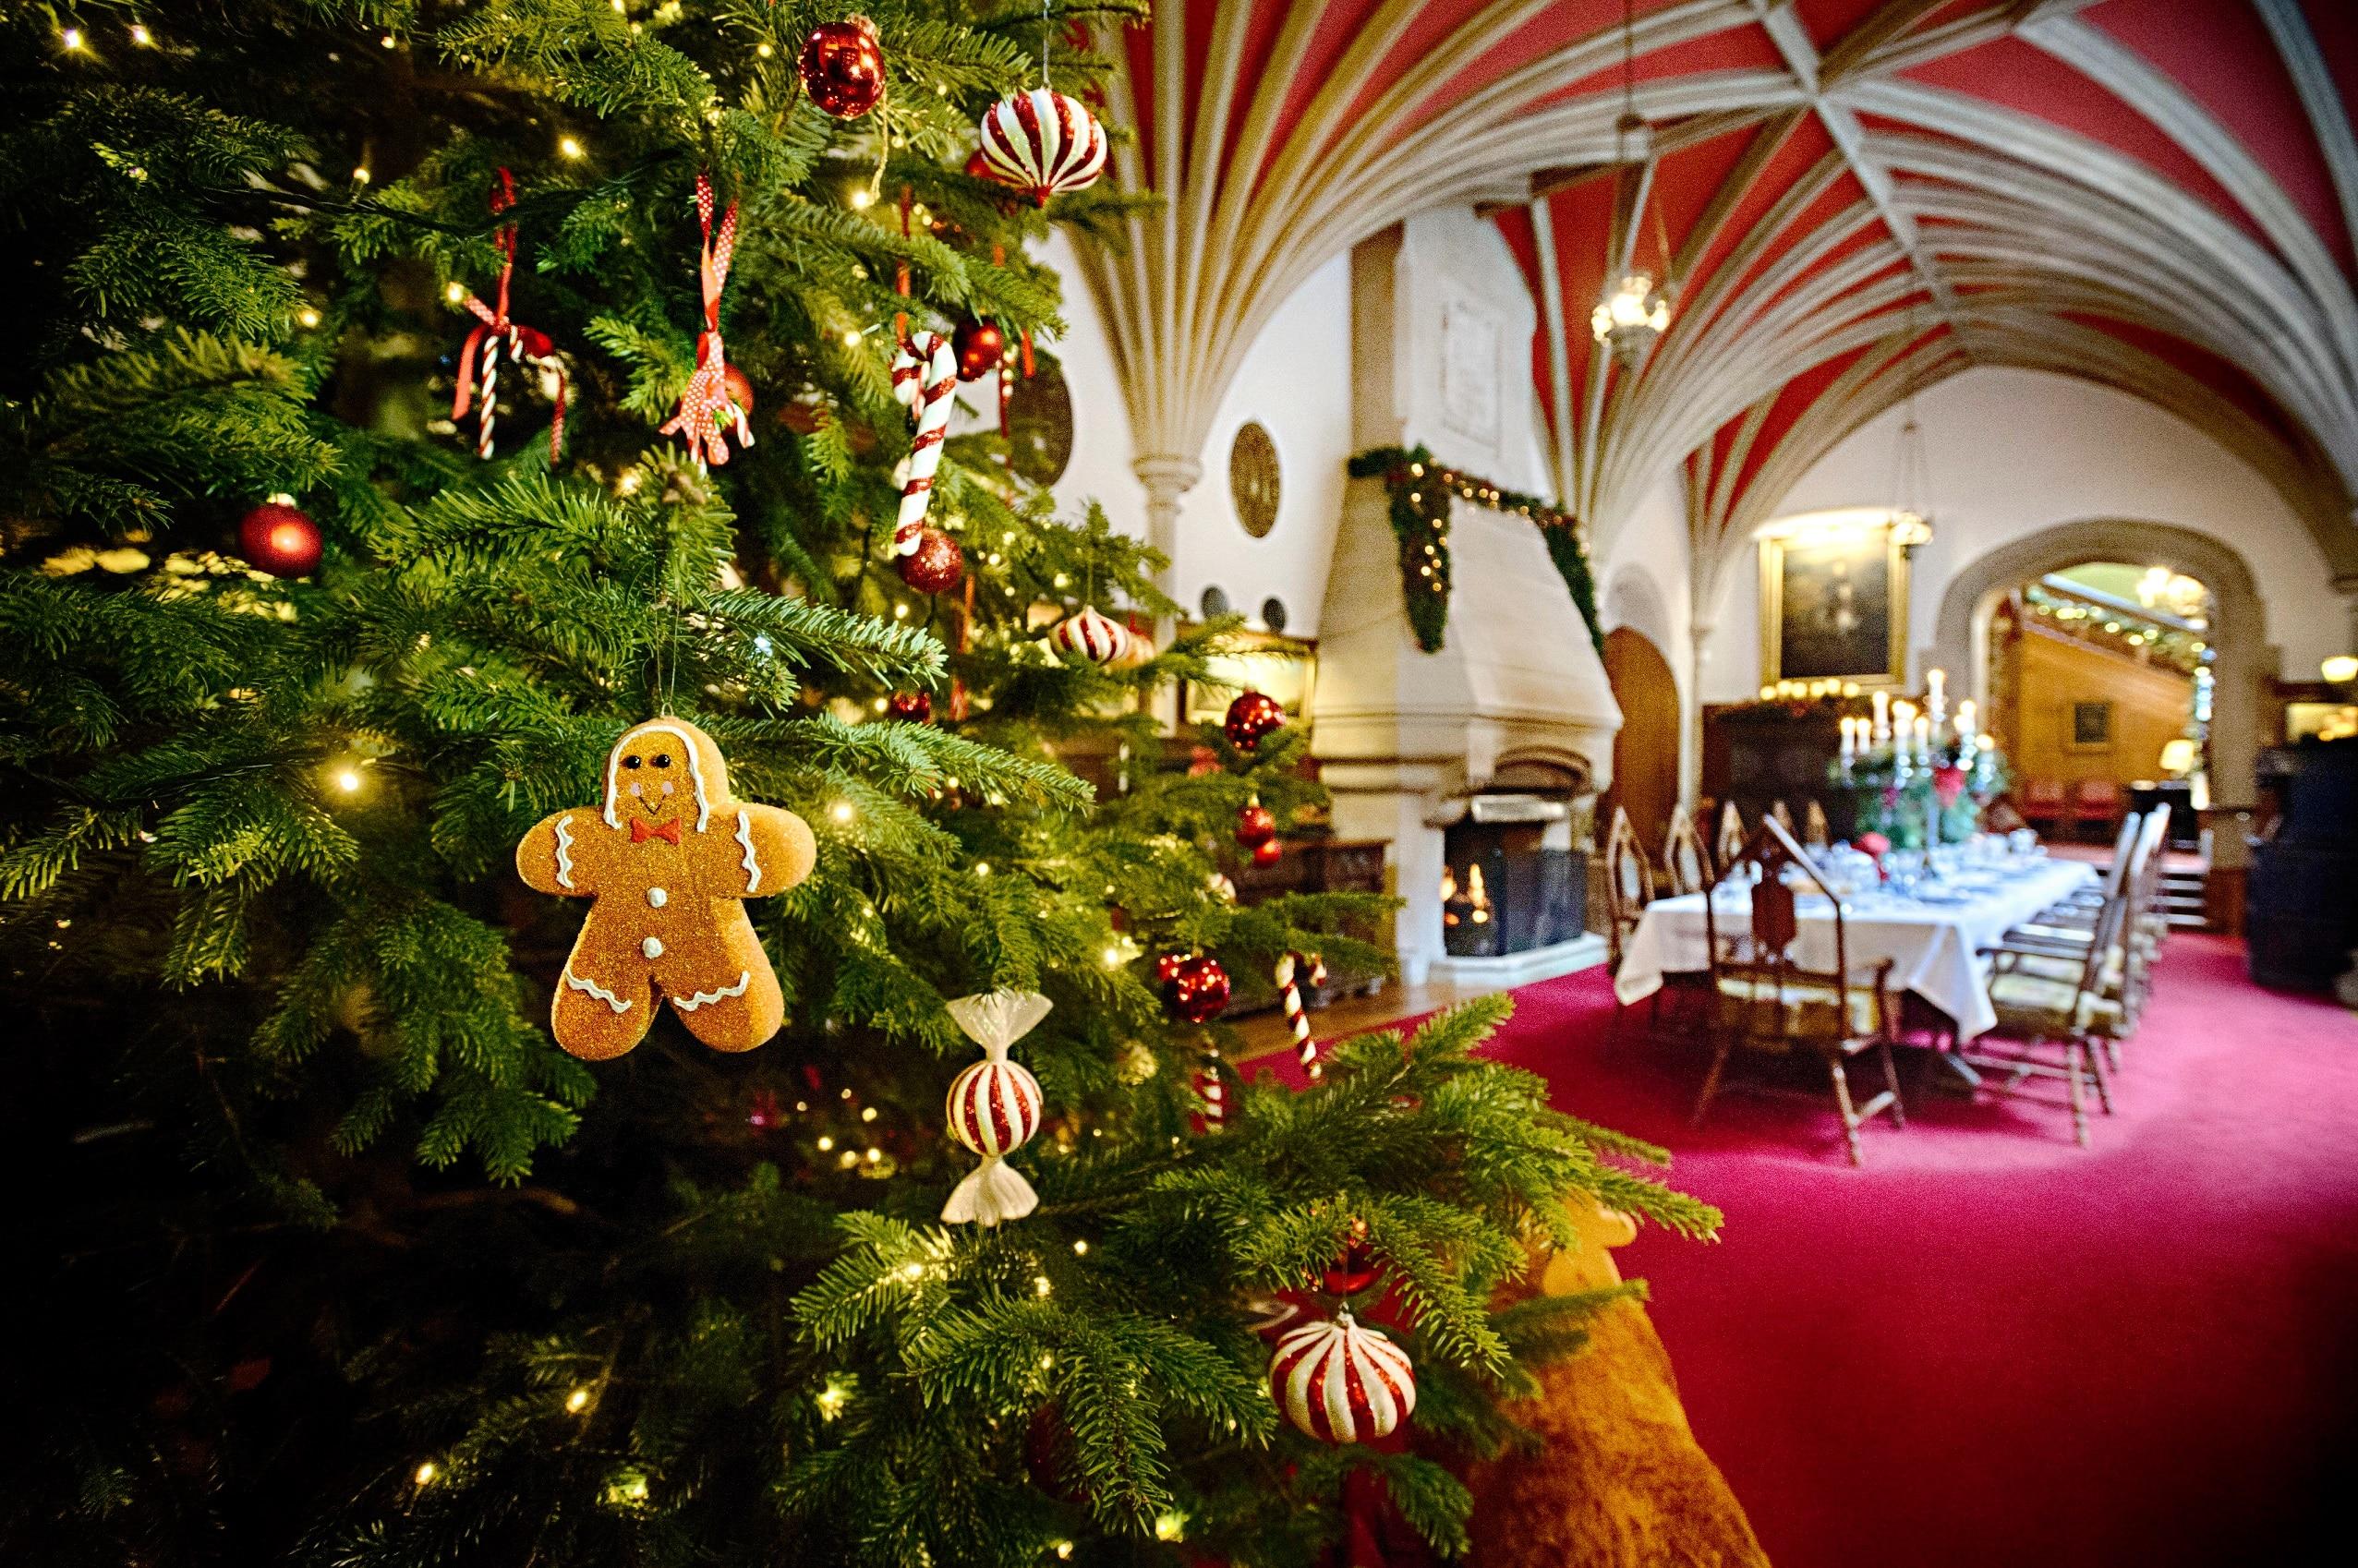 Victorian Christmas at Beaulieu